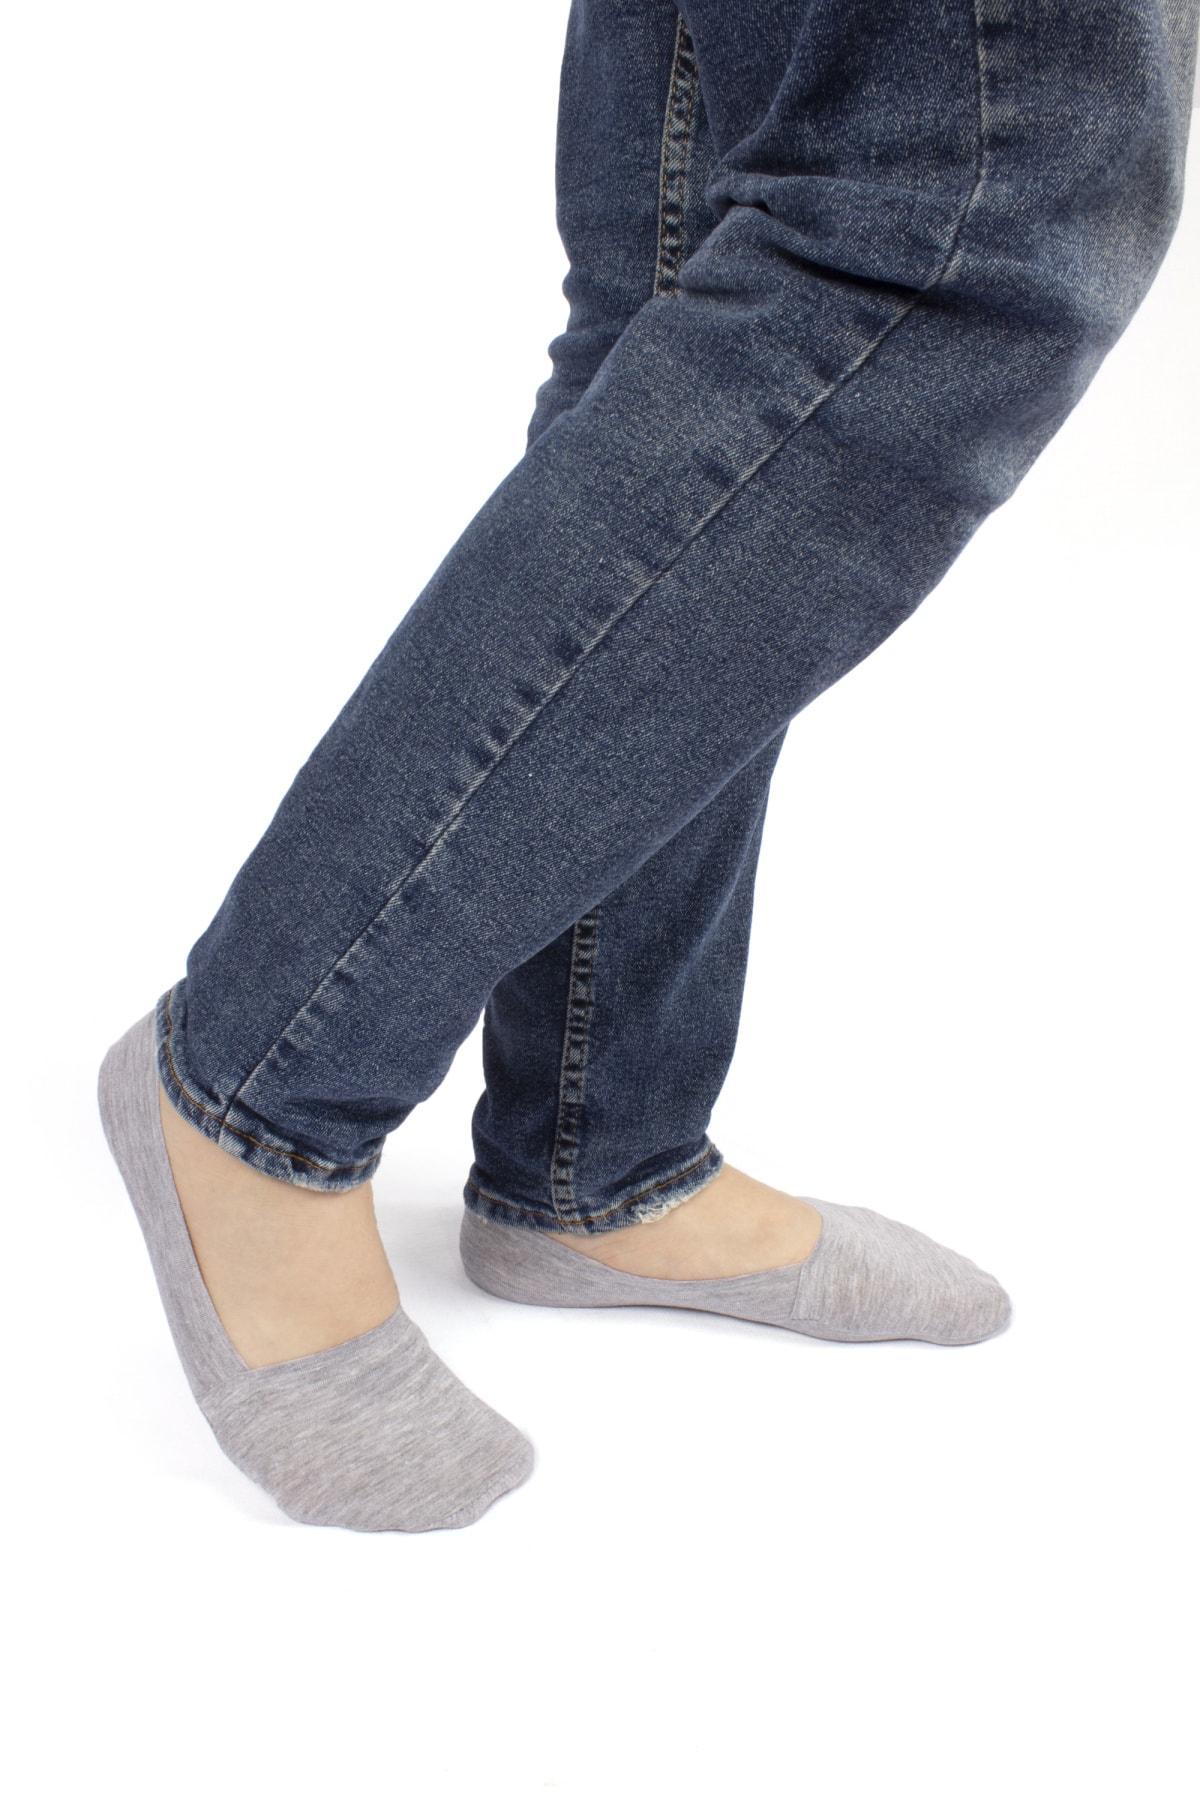 Dr.socks Erkek Gri Ayaktan Çıkmaz Penye Babet Çorap Basic Kenarları Şerit Silikon Detaylı Görünmez